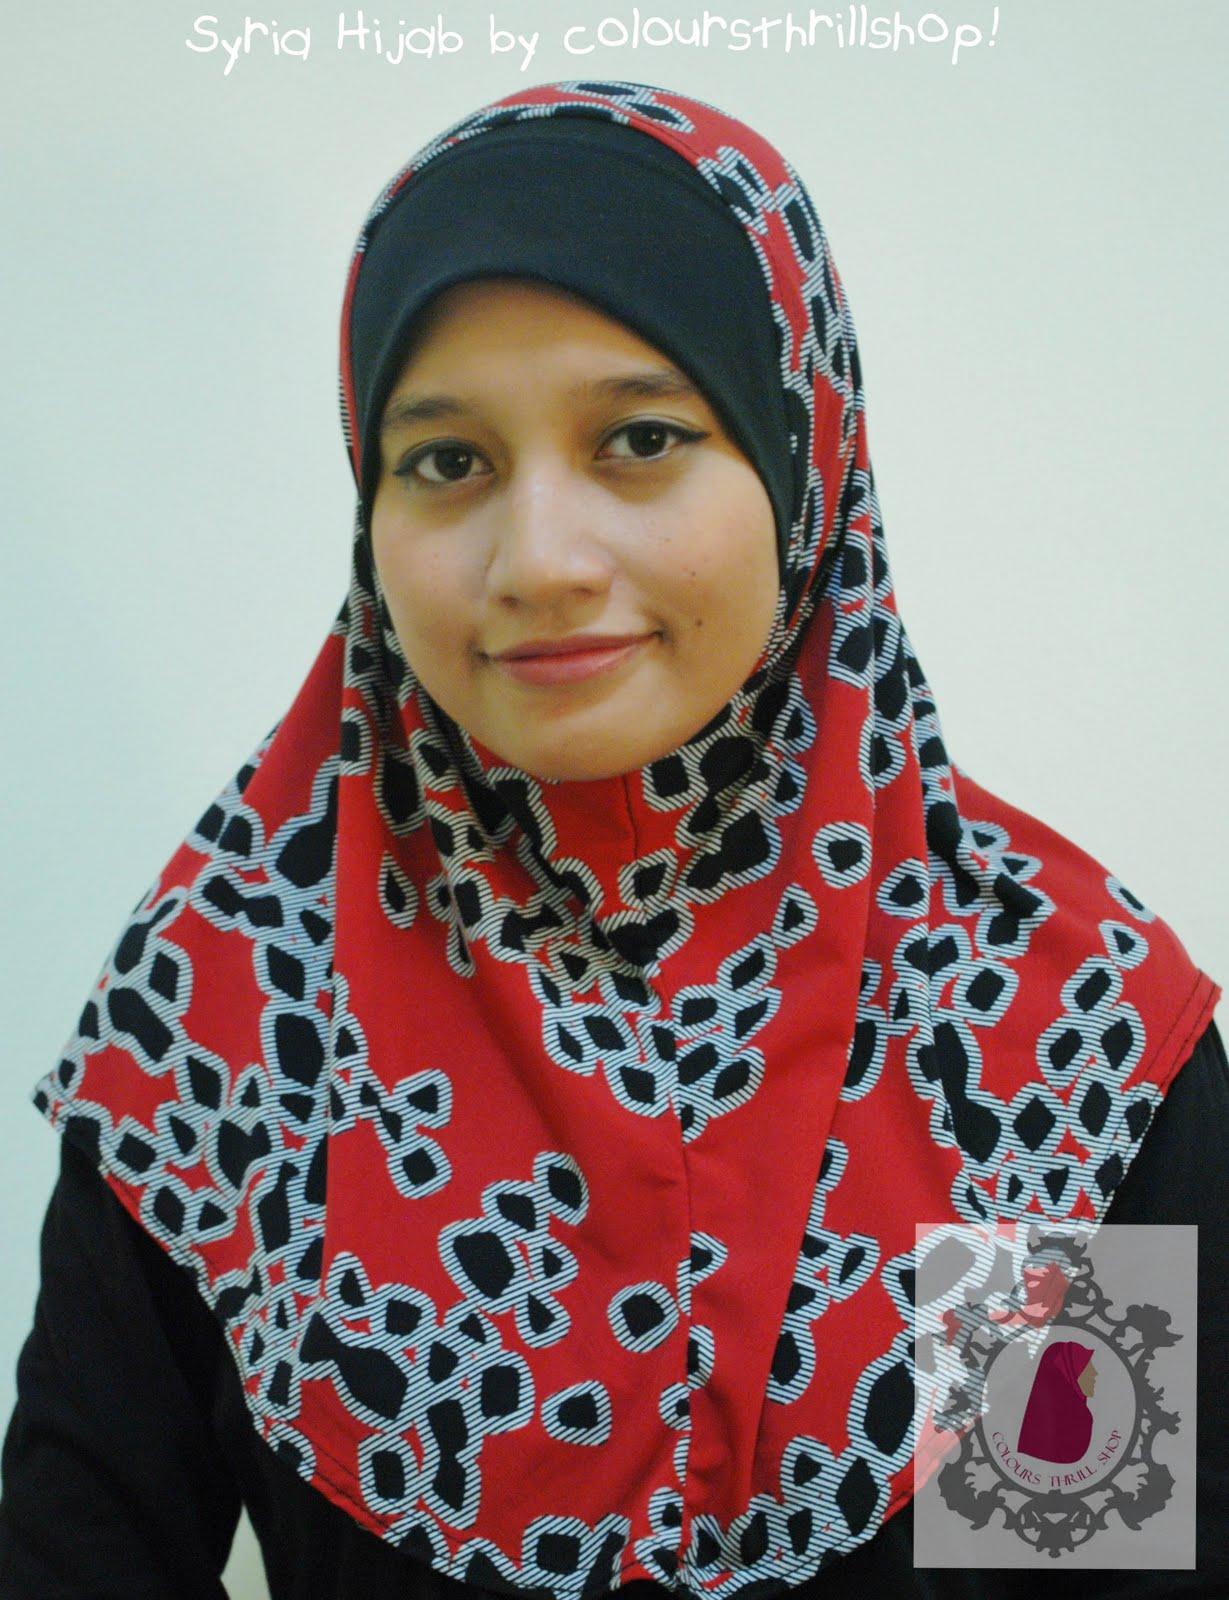 http://3.bp.blogspot.com/_Ki6L2zf5jvk/TGM6NOQhMtI/AAAAAAAAAYs/cnQjzg675Dw/s1600/syria+hijab2.jpg